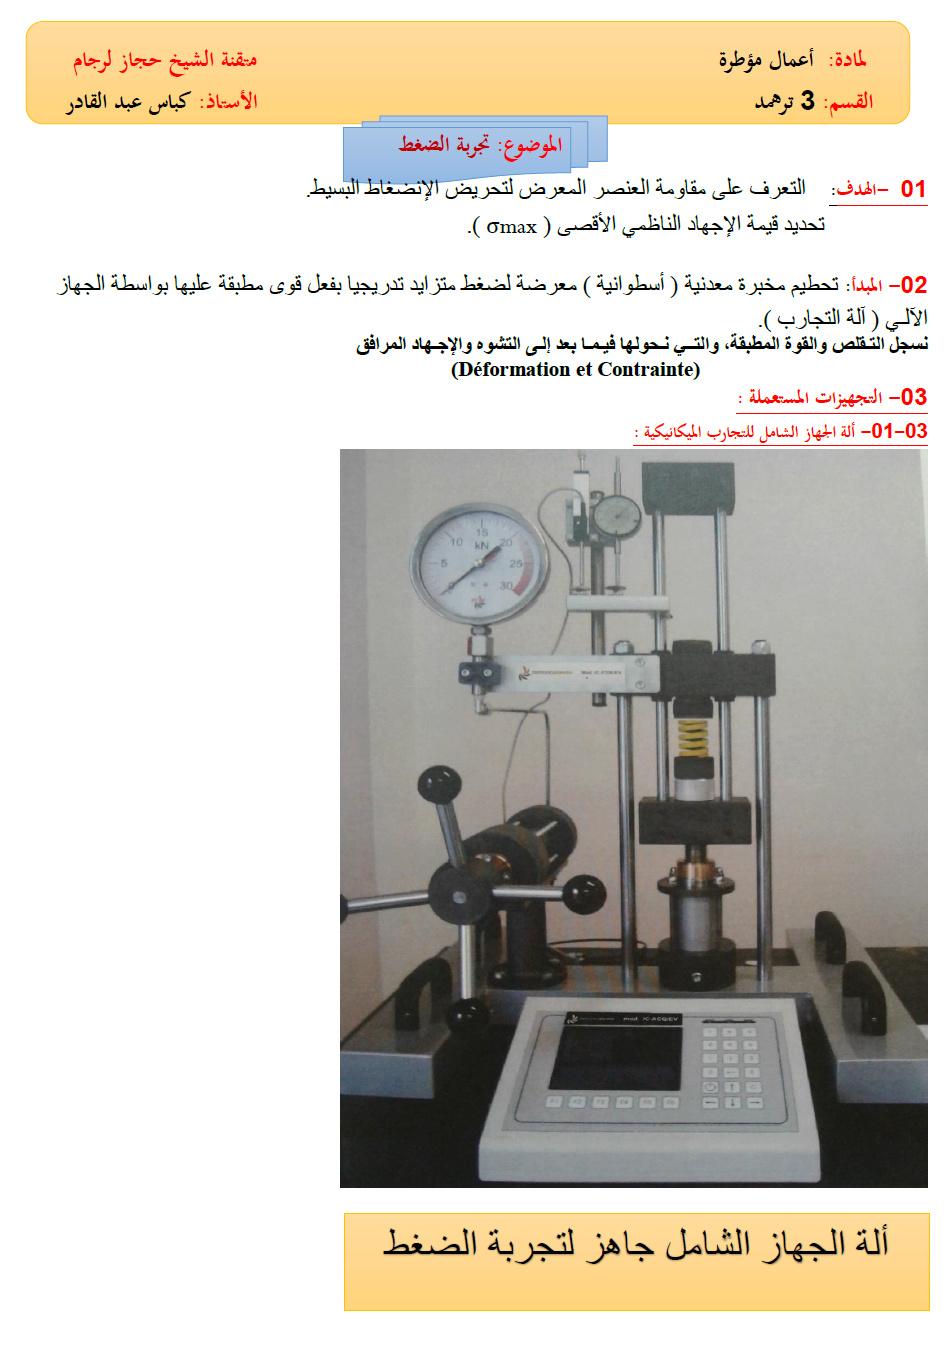 تجربة الضغط عملي بواسطة الجهاز العالمي الشامل  A10